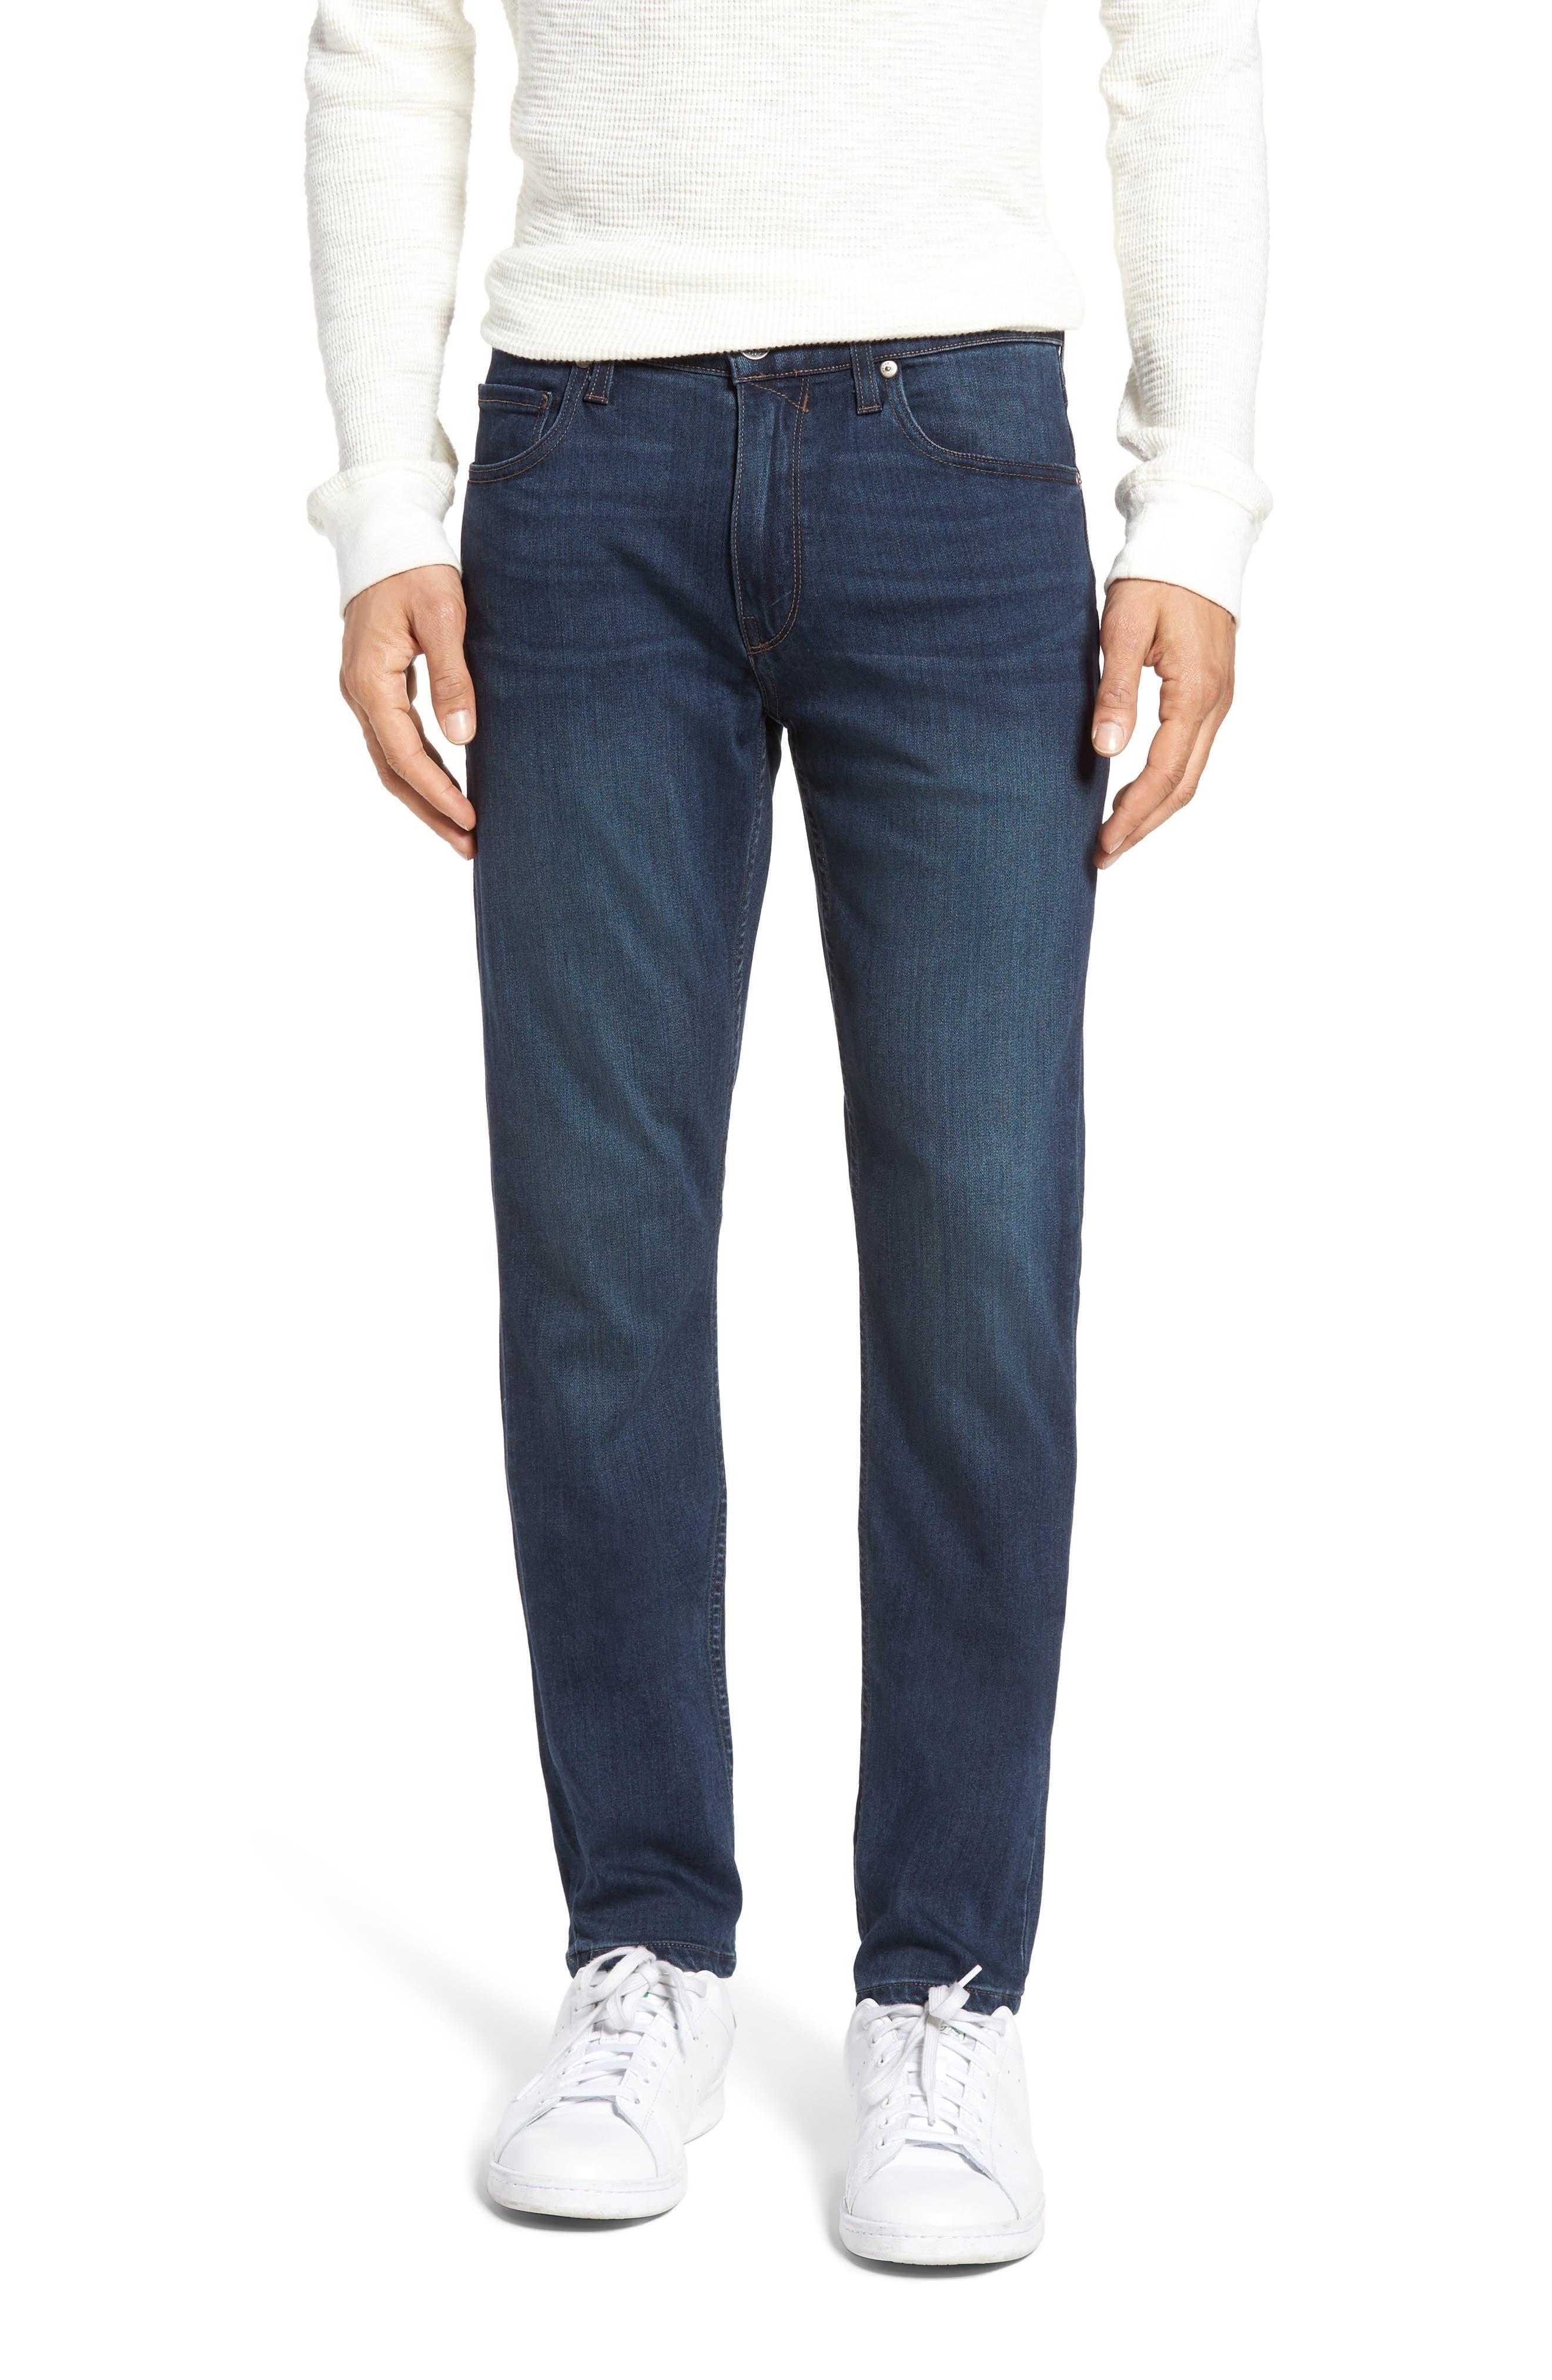 PAIGE Transcend - Lennox Slim Fit Jeans (Corban)